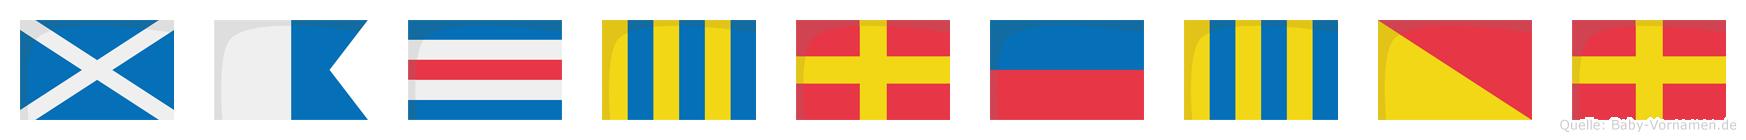 Macgregor im Flaggenalphabet